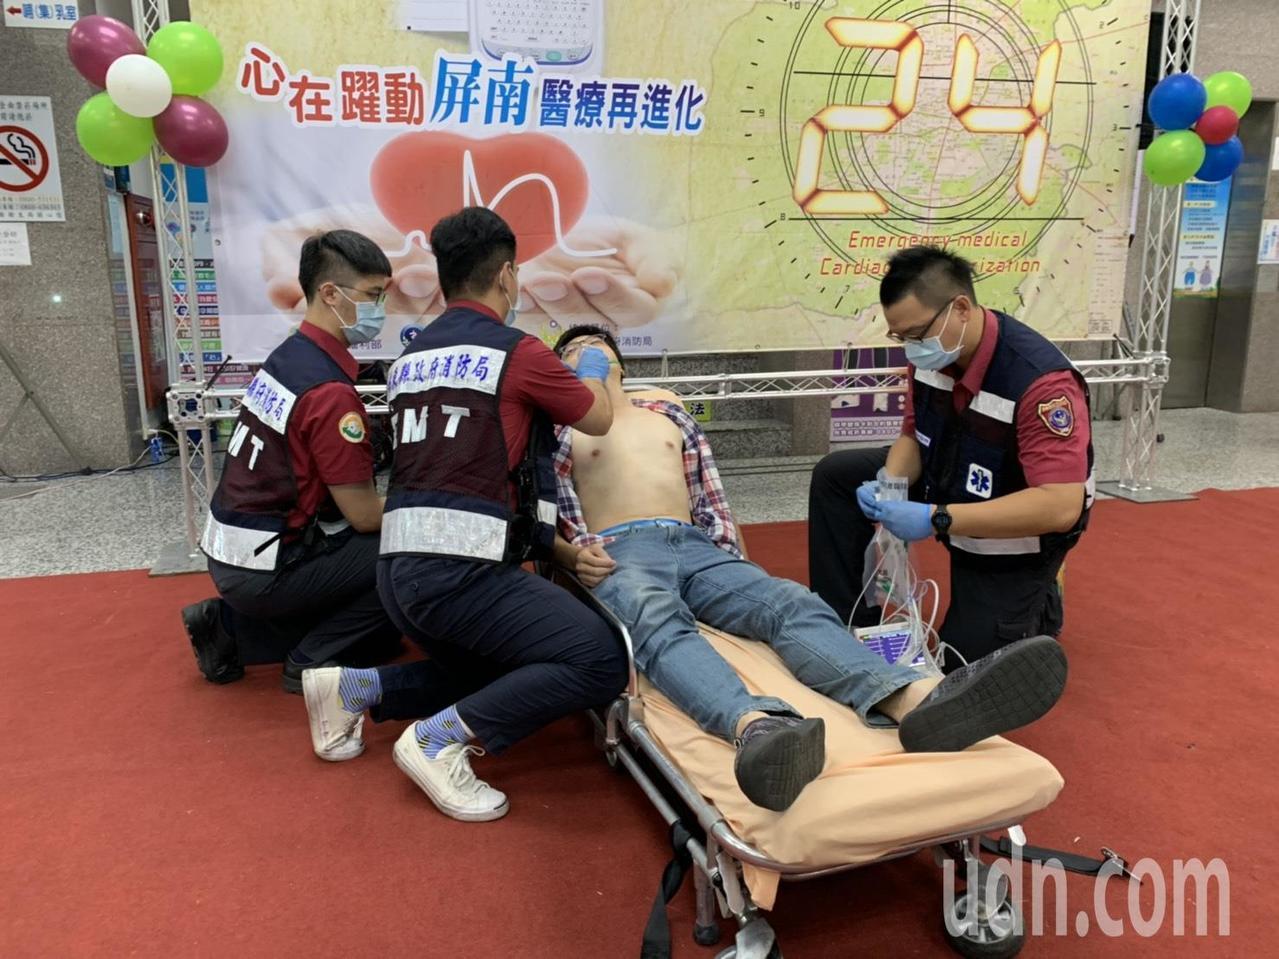 屏東縣枋寮醫院7月起成立24小時心導管室,搭配消防救護車上的12導程心電圖系統,...